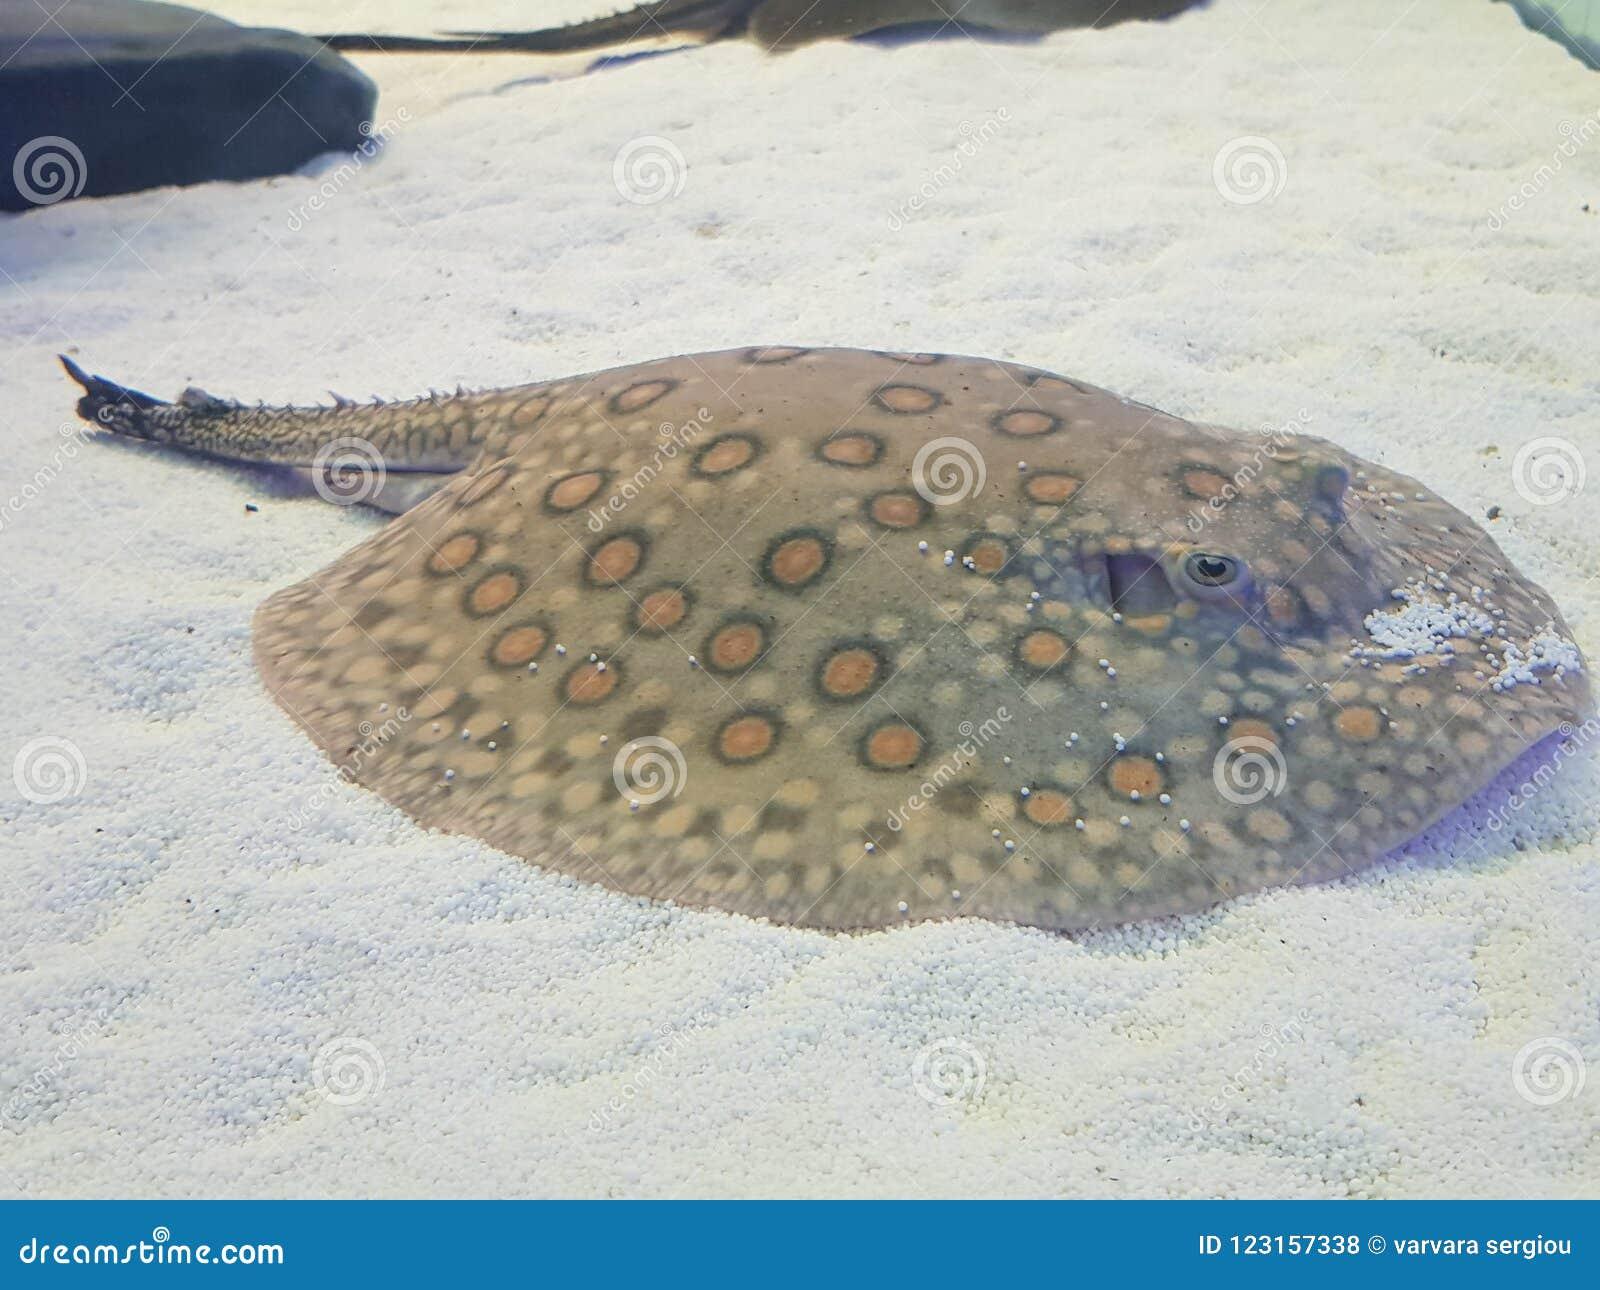 Weird Fish Stock Photo Image Of Tank Fish Weird Aquarium 123157338